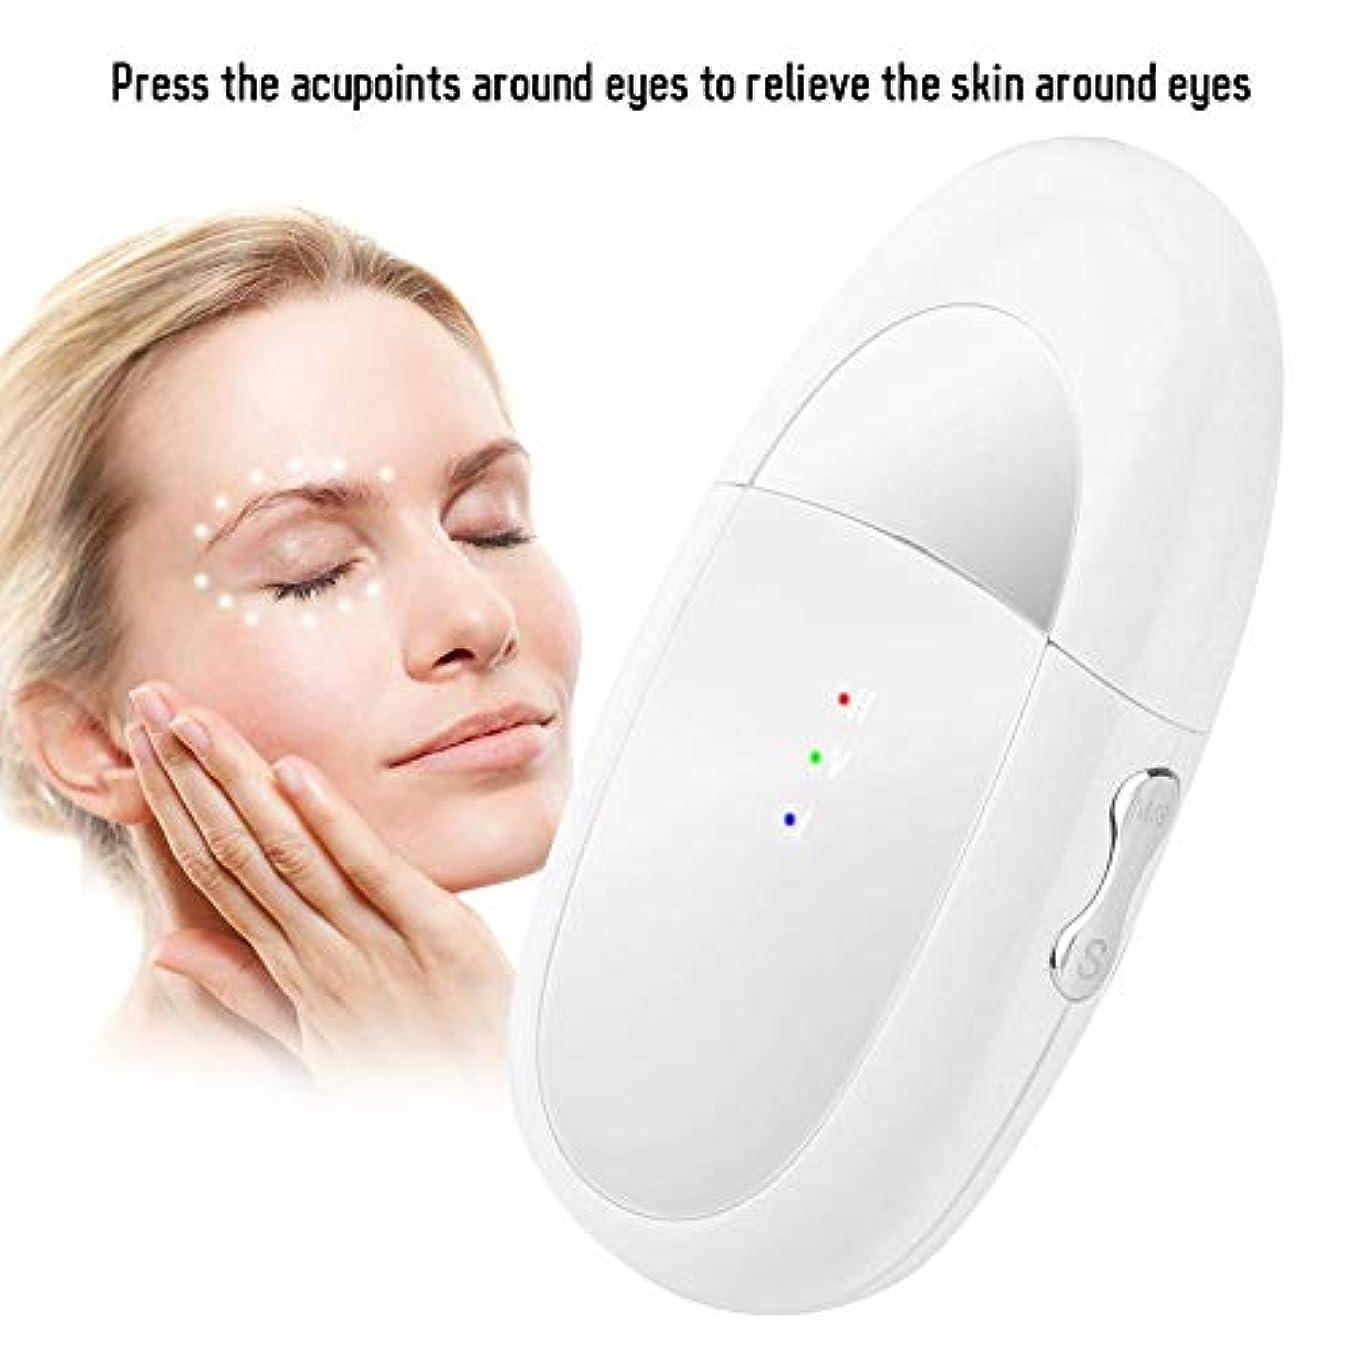 裁定許可バナナアイマッサージャー、2 in 1 Eye&Lipマッサージャーイオンインポートバイブレーションマッサージャーは、ダークサークルとむくみを緩和しますEyes&Lips Care Device